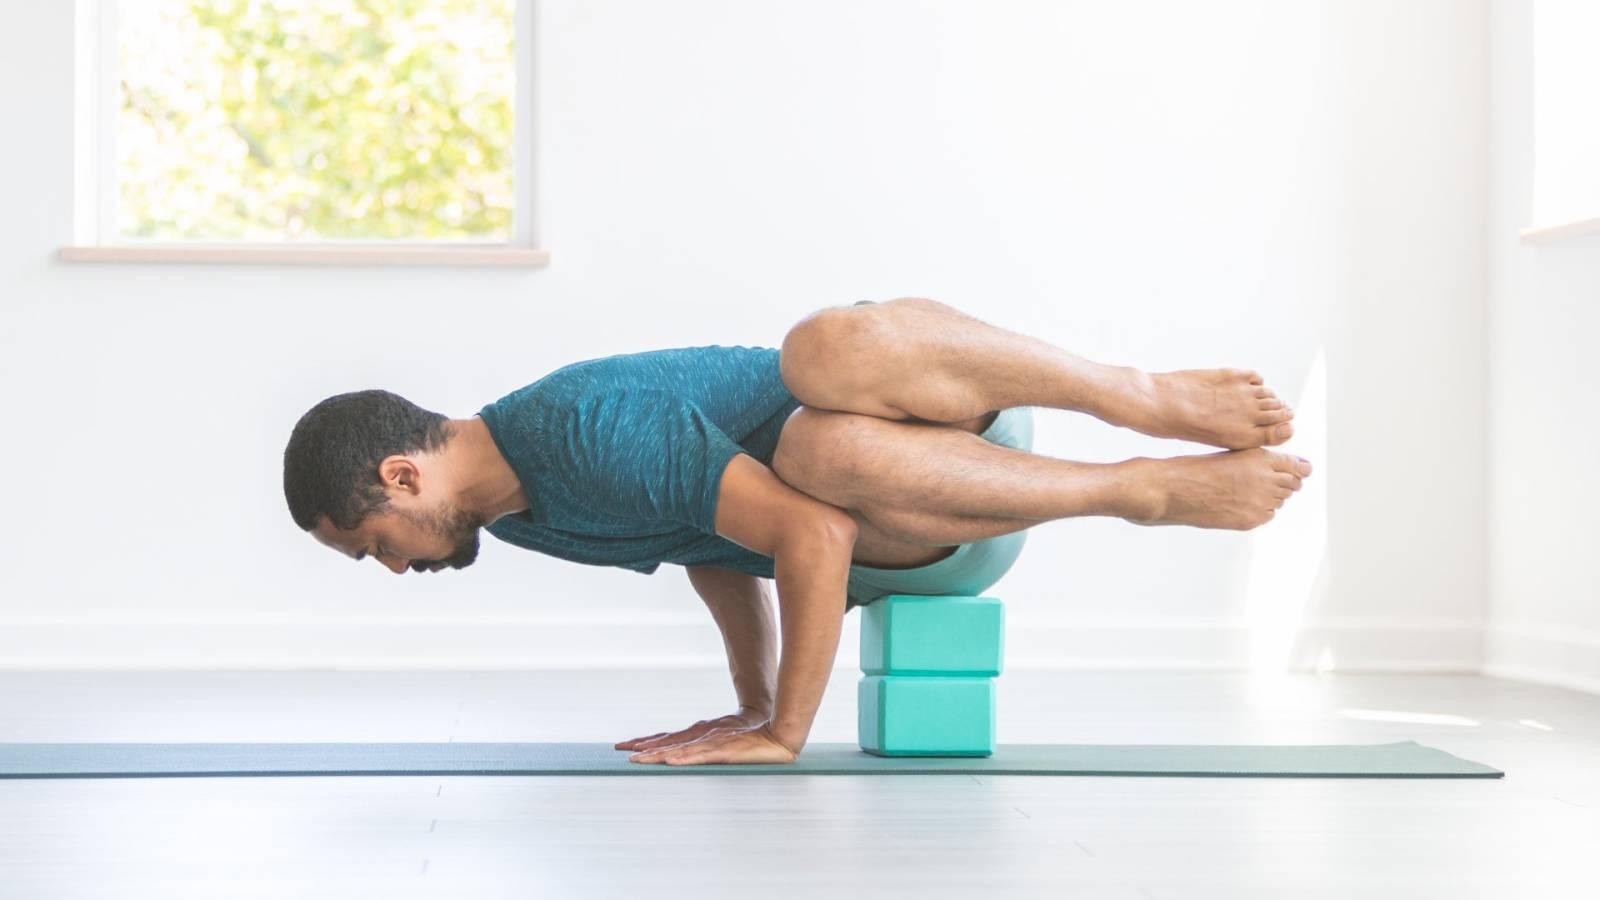 Make 50 Arm Balances Easier Using Just 50 Blocks